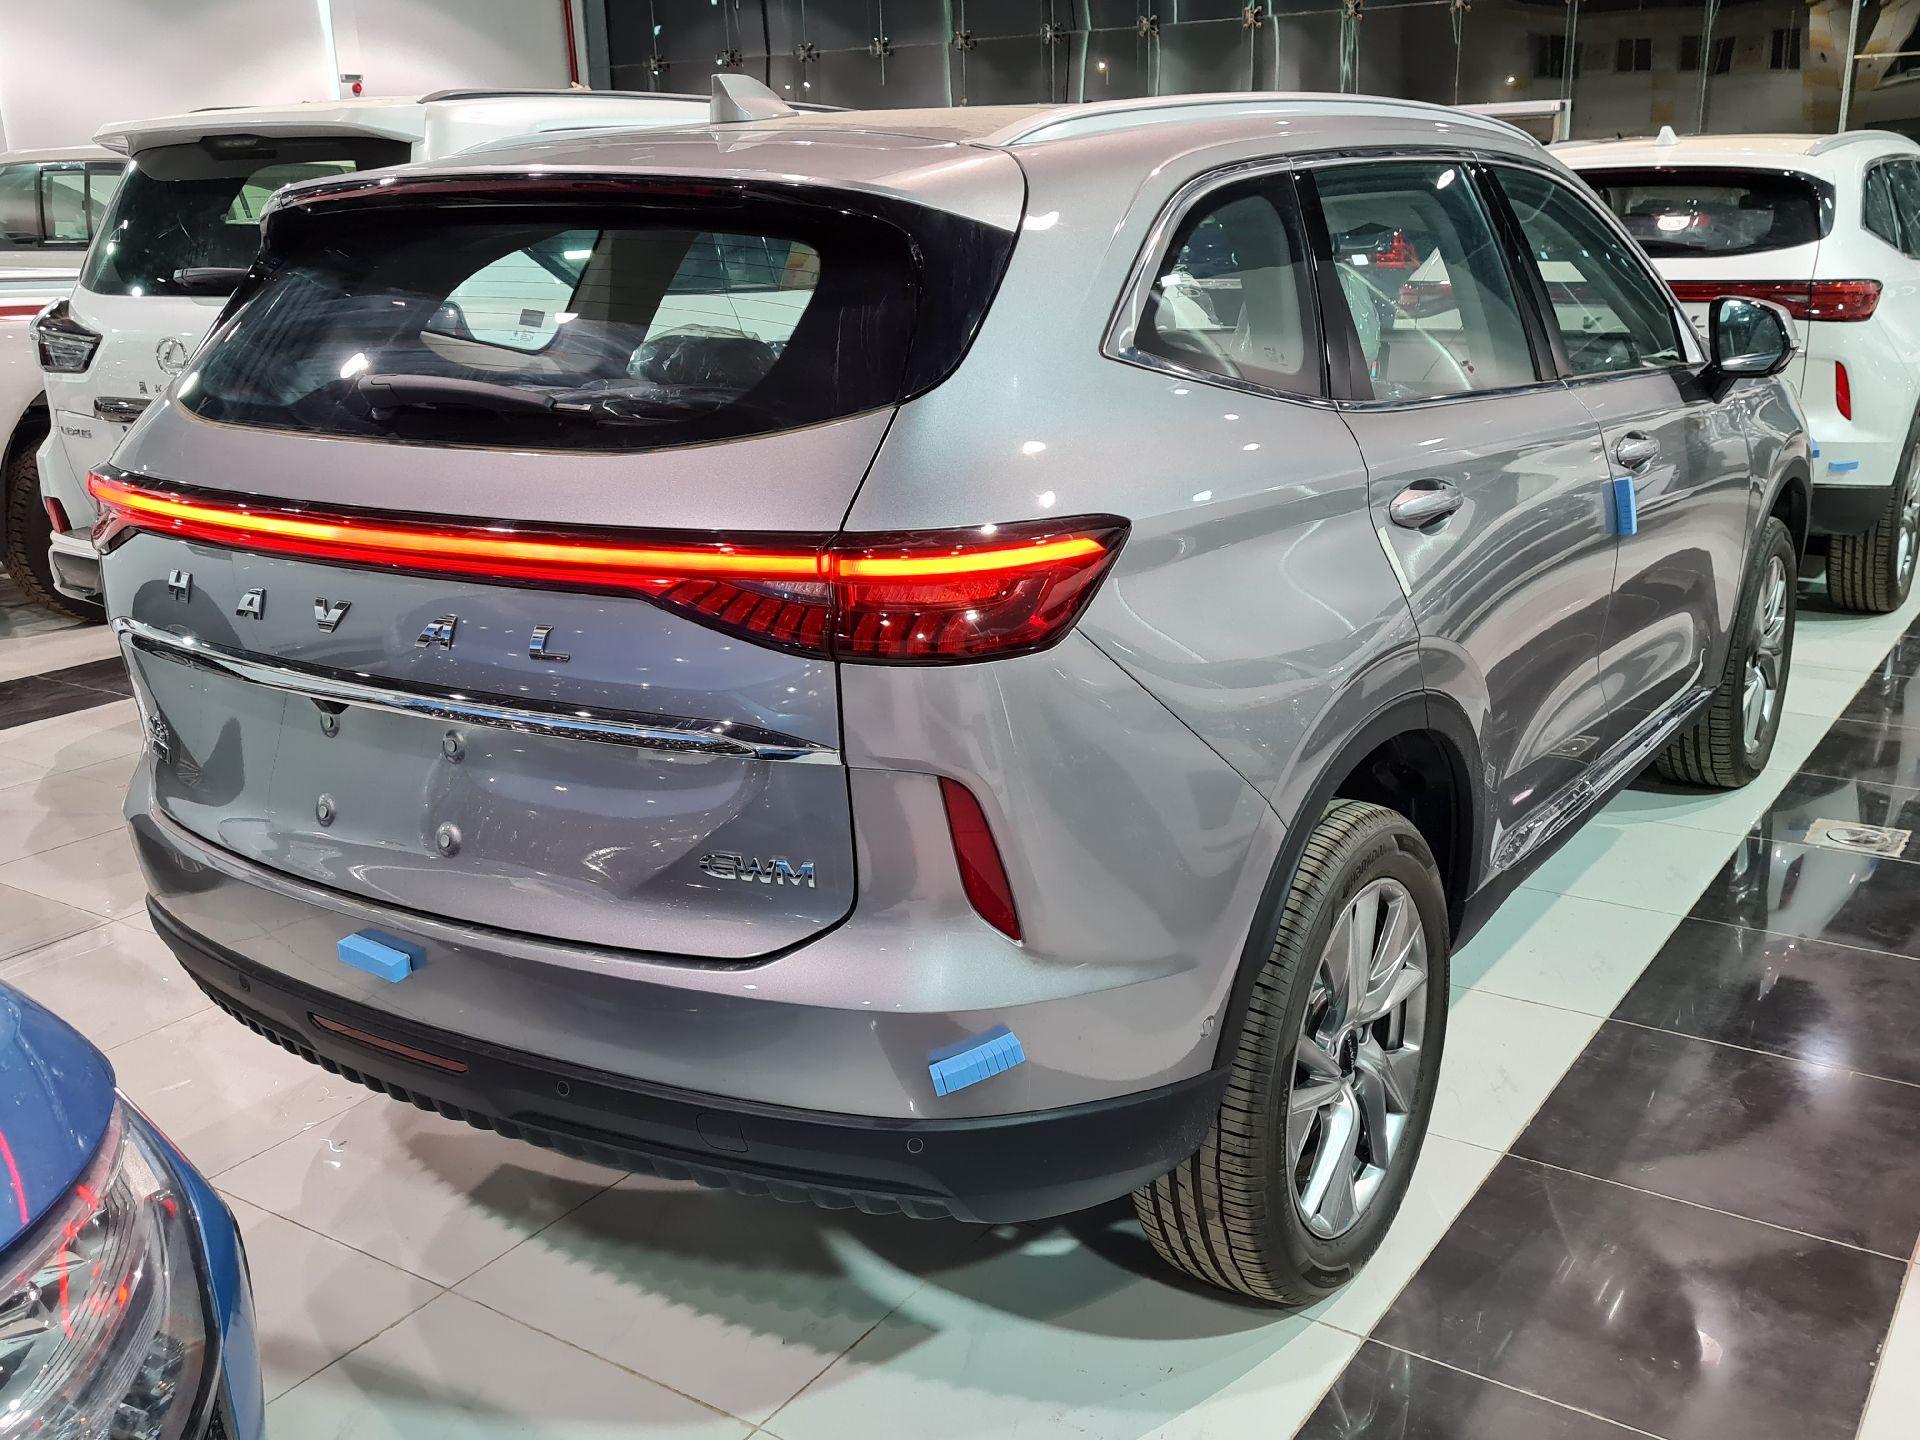 هافال H6 الشكل الجديد Premium 2022 فل سعودي للبيع في الرياض - السعودية - صورة كبيرة - 5